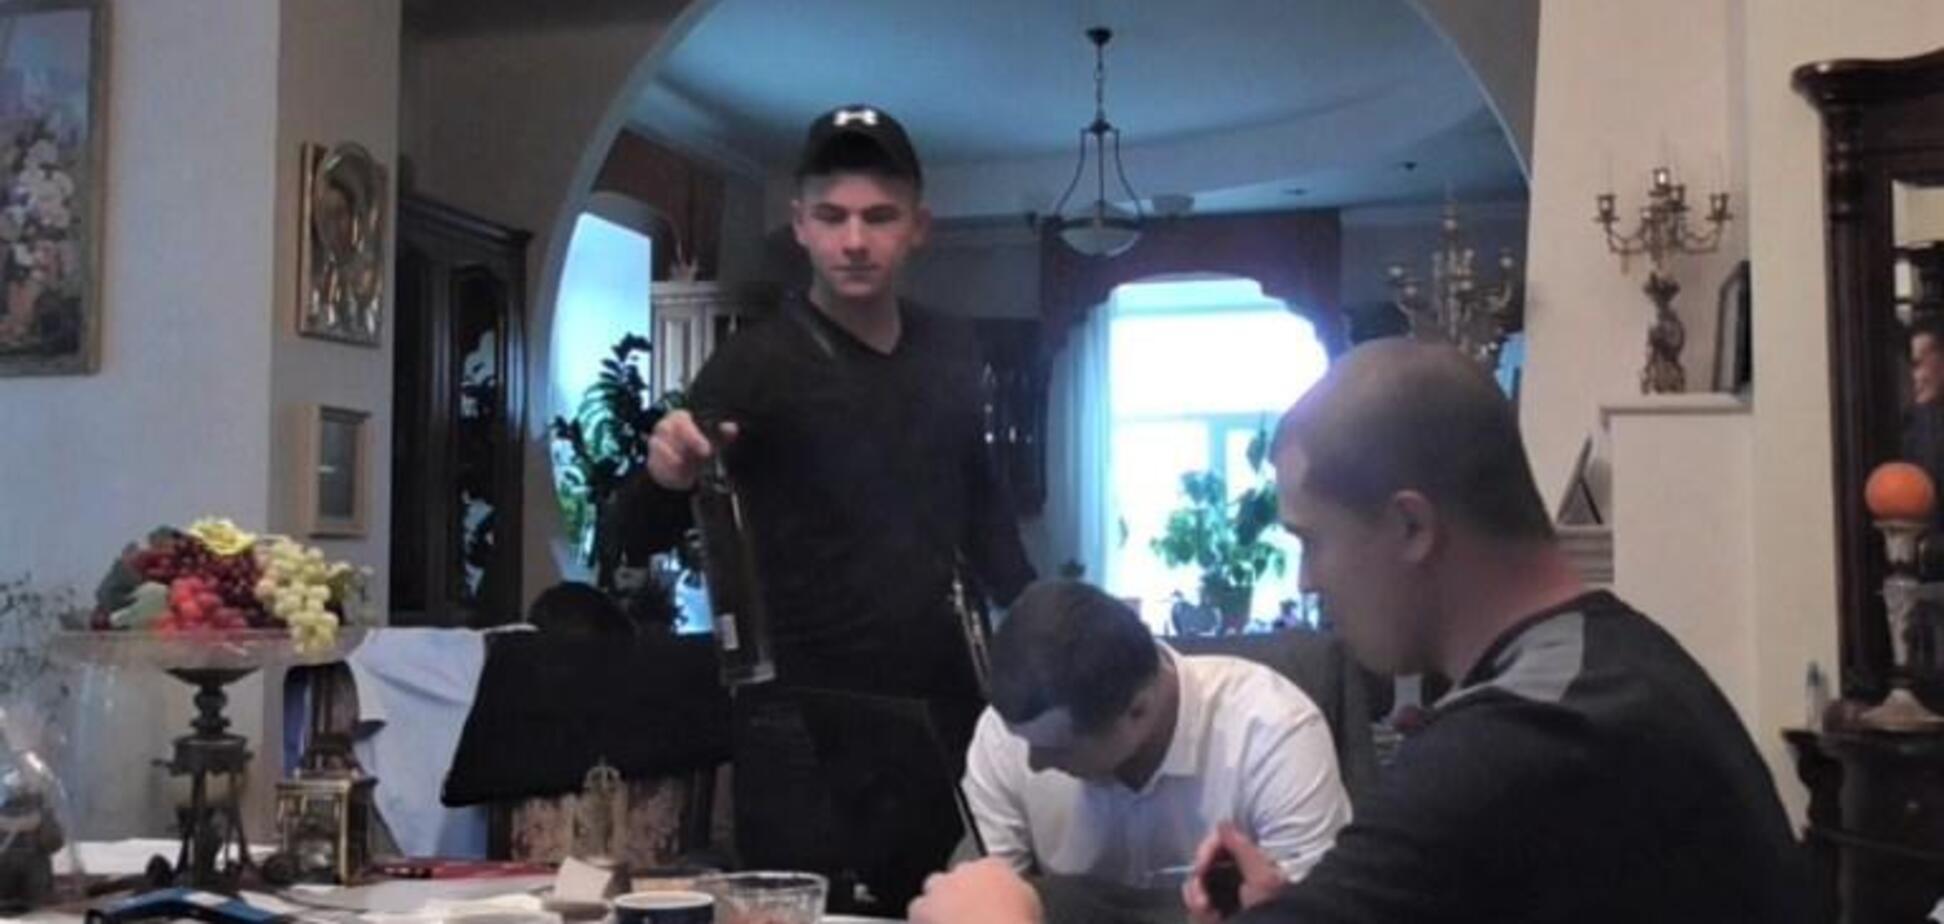 Обнародовано видео, на котором детективы НАБУ проводят обыск, на котором понятыми привлекли сотрудников полиции